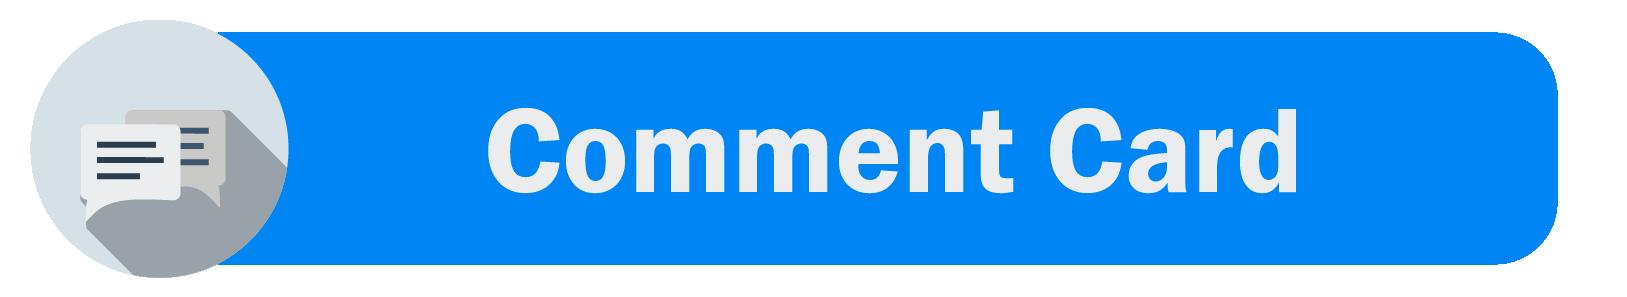 Comment Card Button